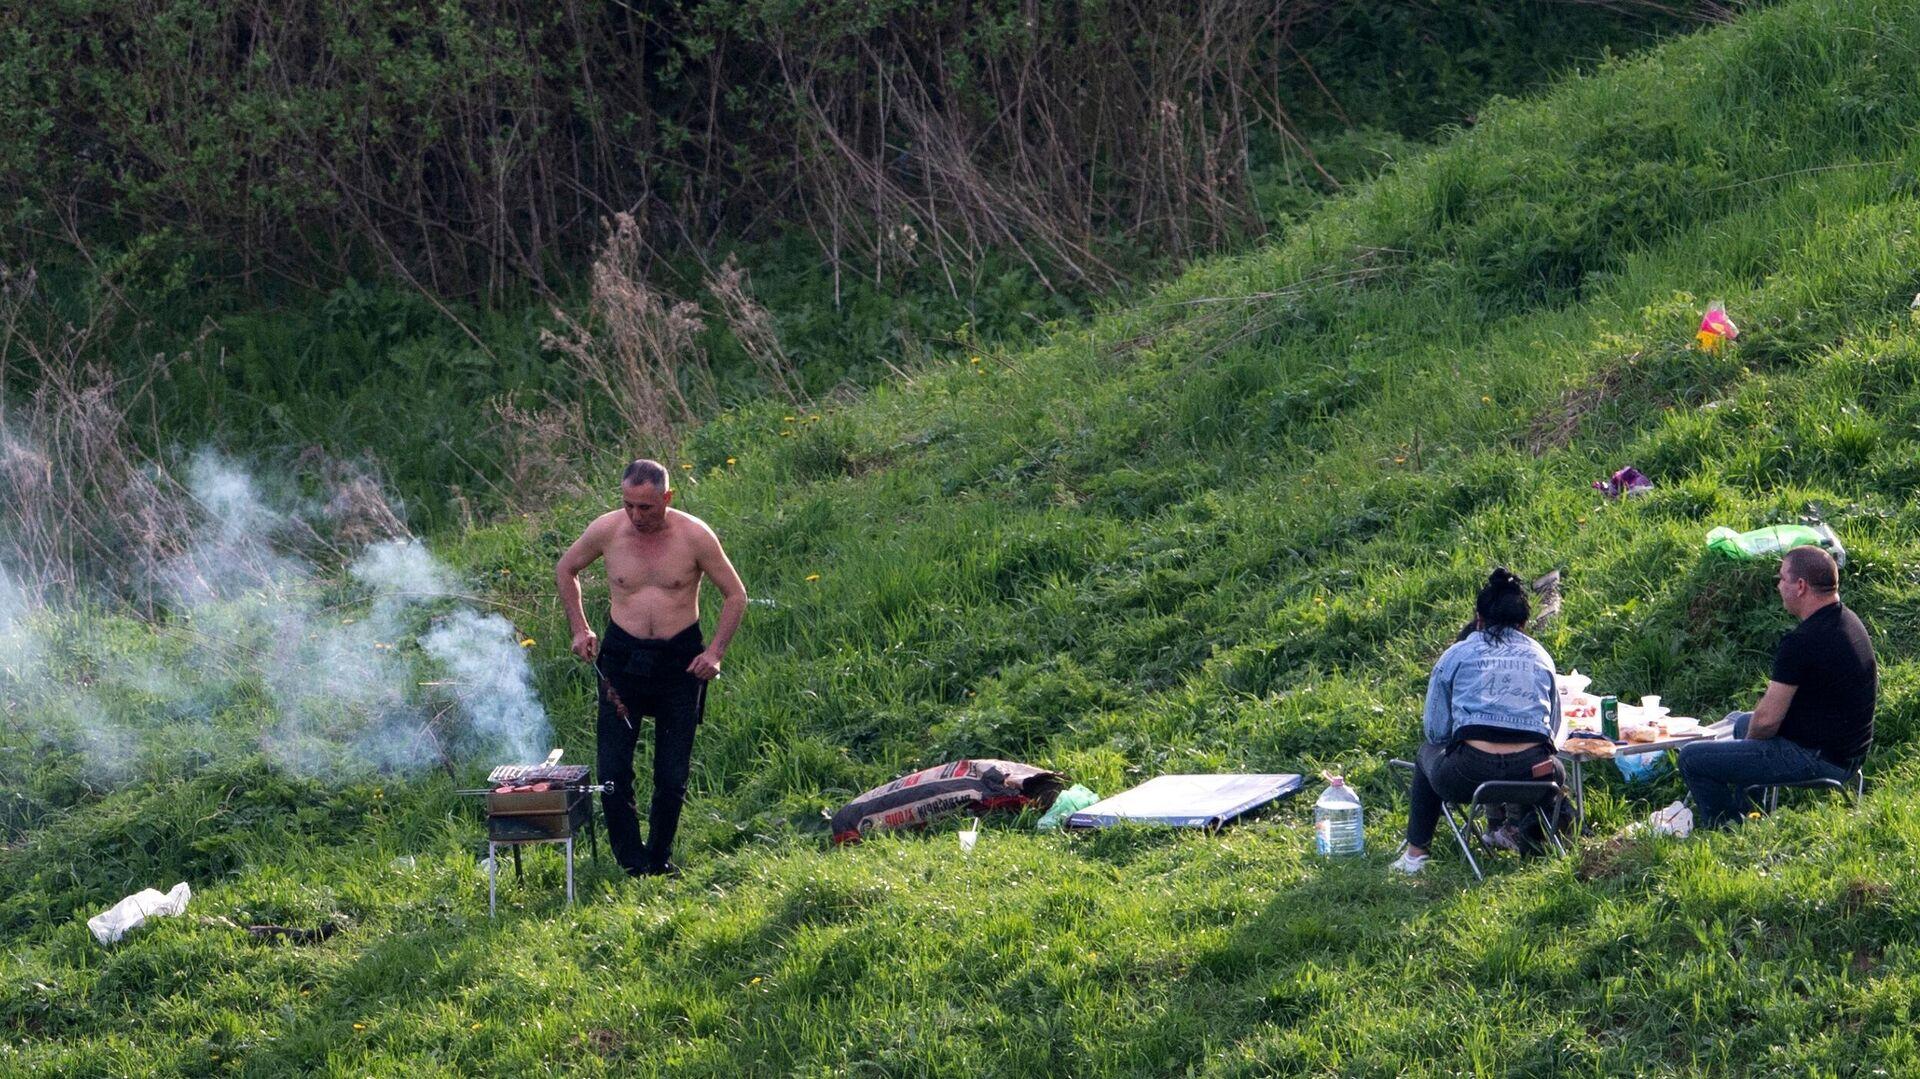 Мужчина жарит шашлыки в одном из парков в Москве - РИА Новости, 1920, 24.06.2021